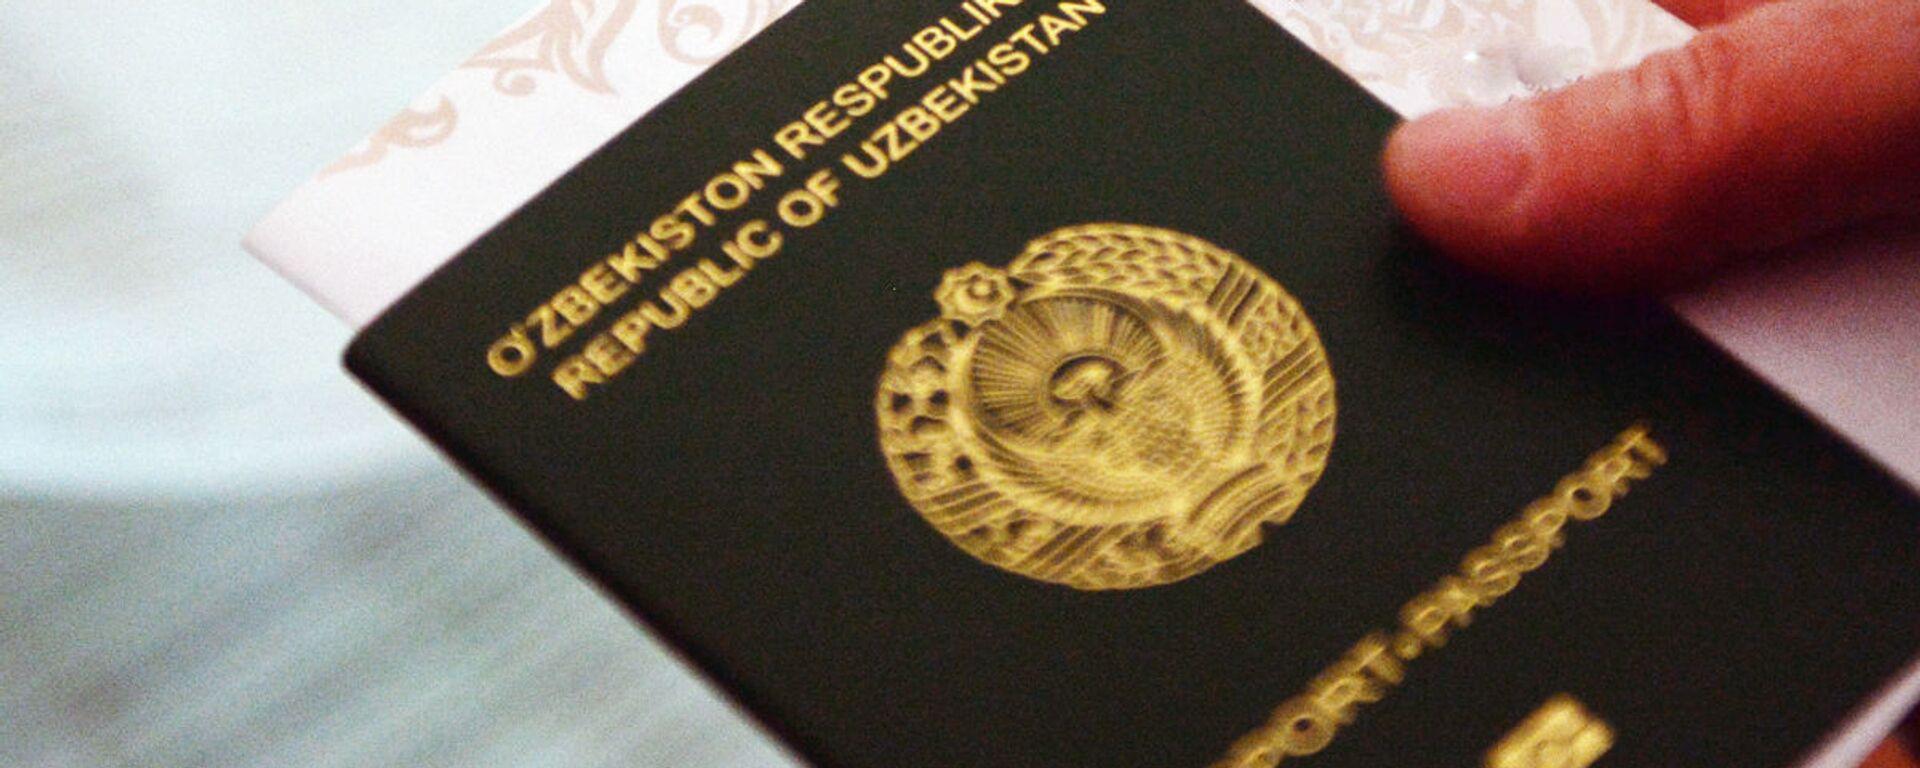 Паспорт гражданина Узбекистана - Sputnik Ўзбекистон, 1920, 29.12.2020